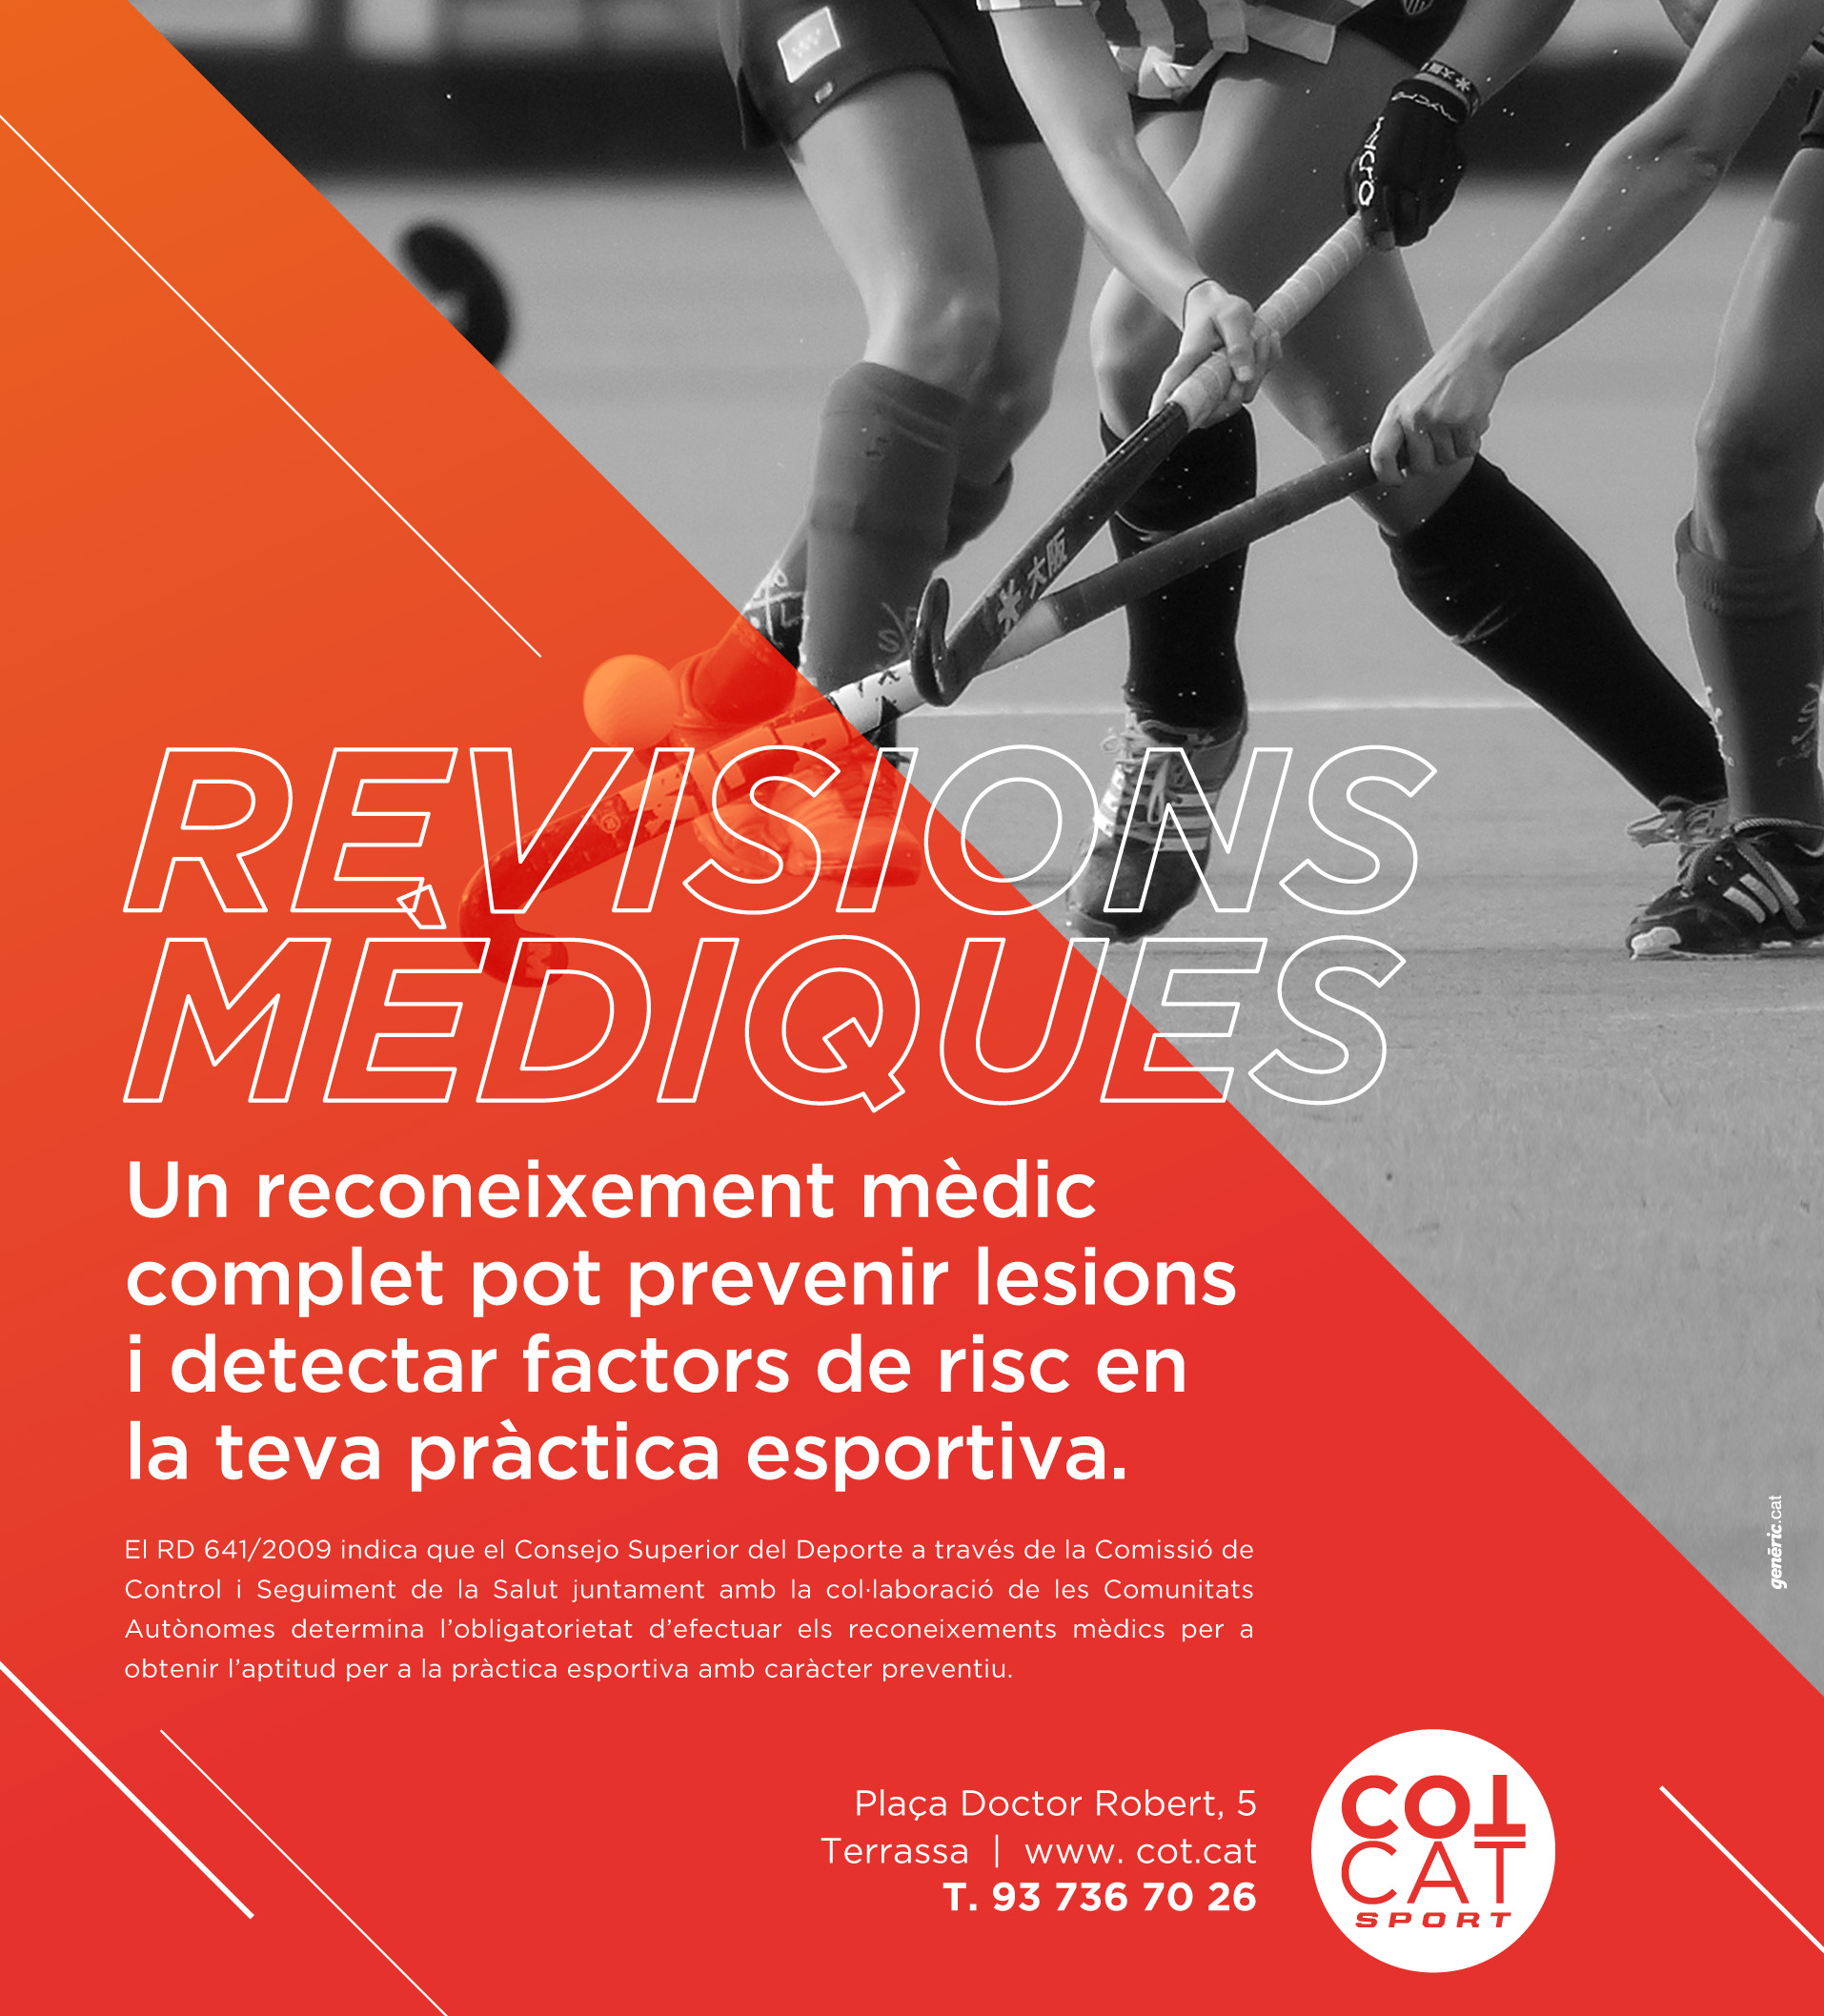 anunci-cot-cat-revisions 2019